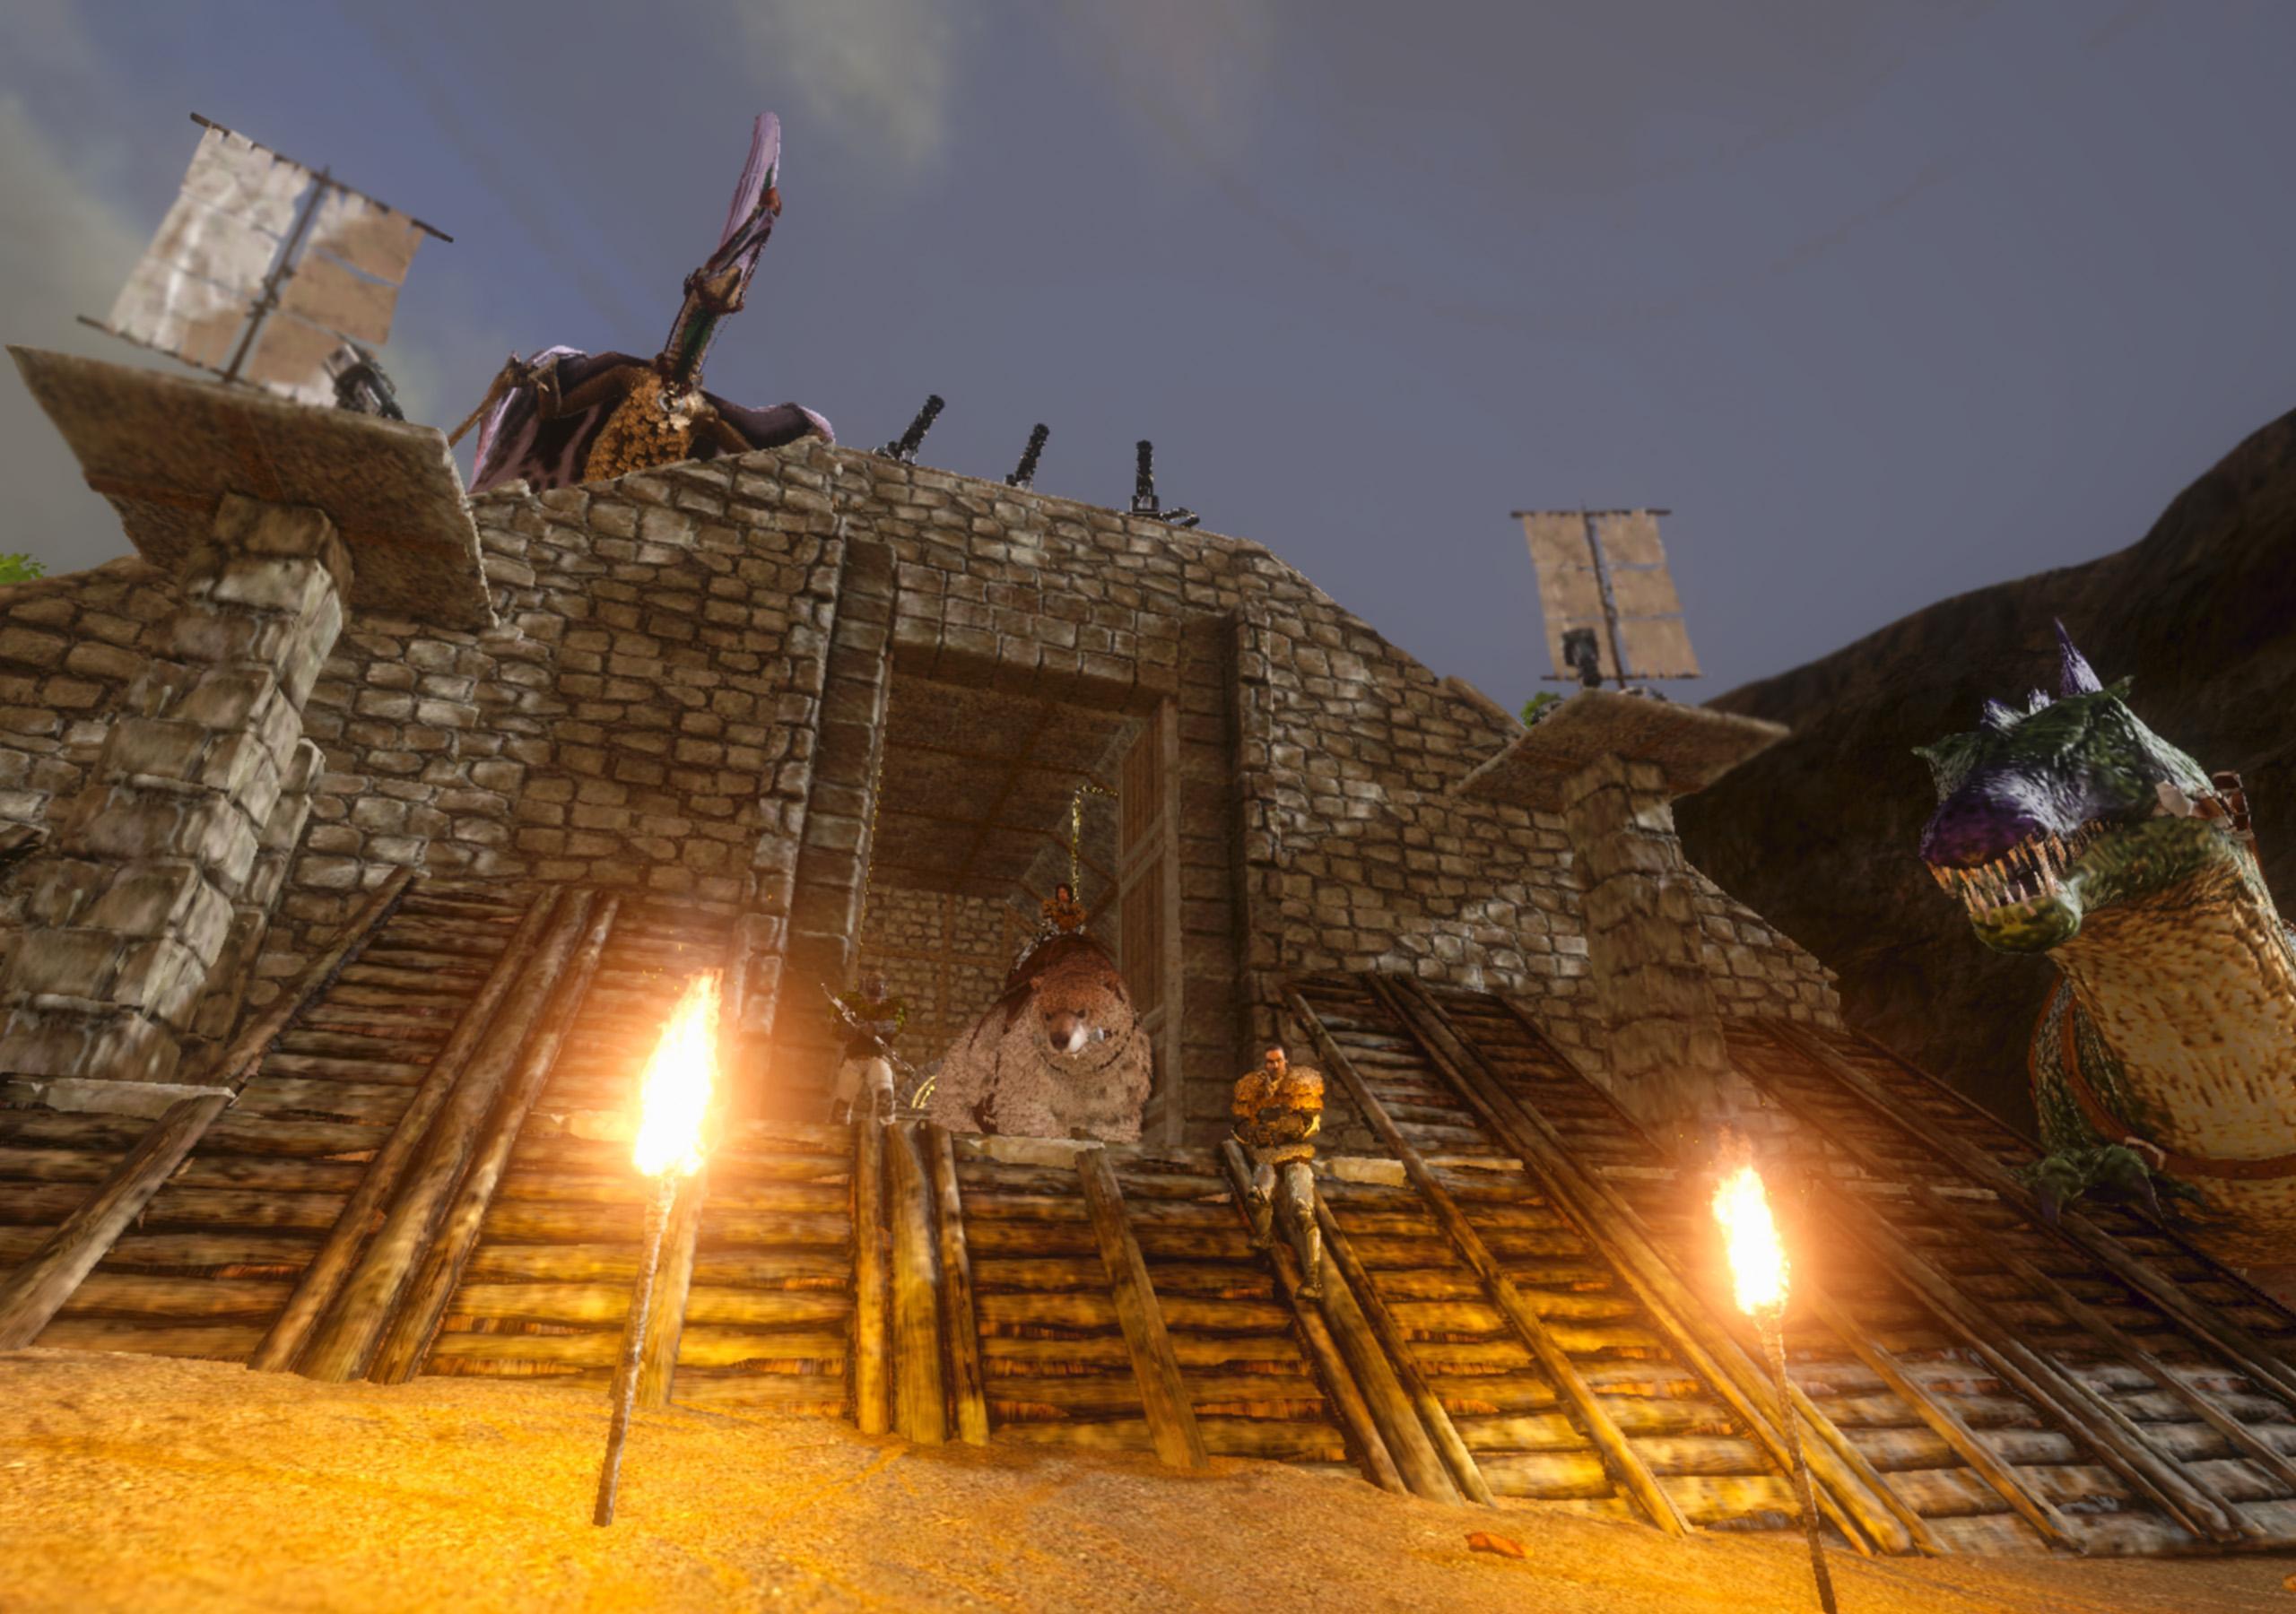 ark survival evolved download free 2018